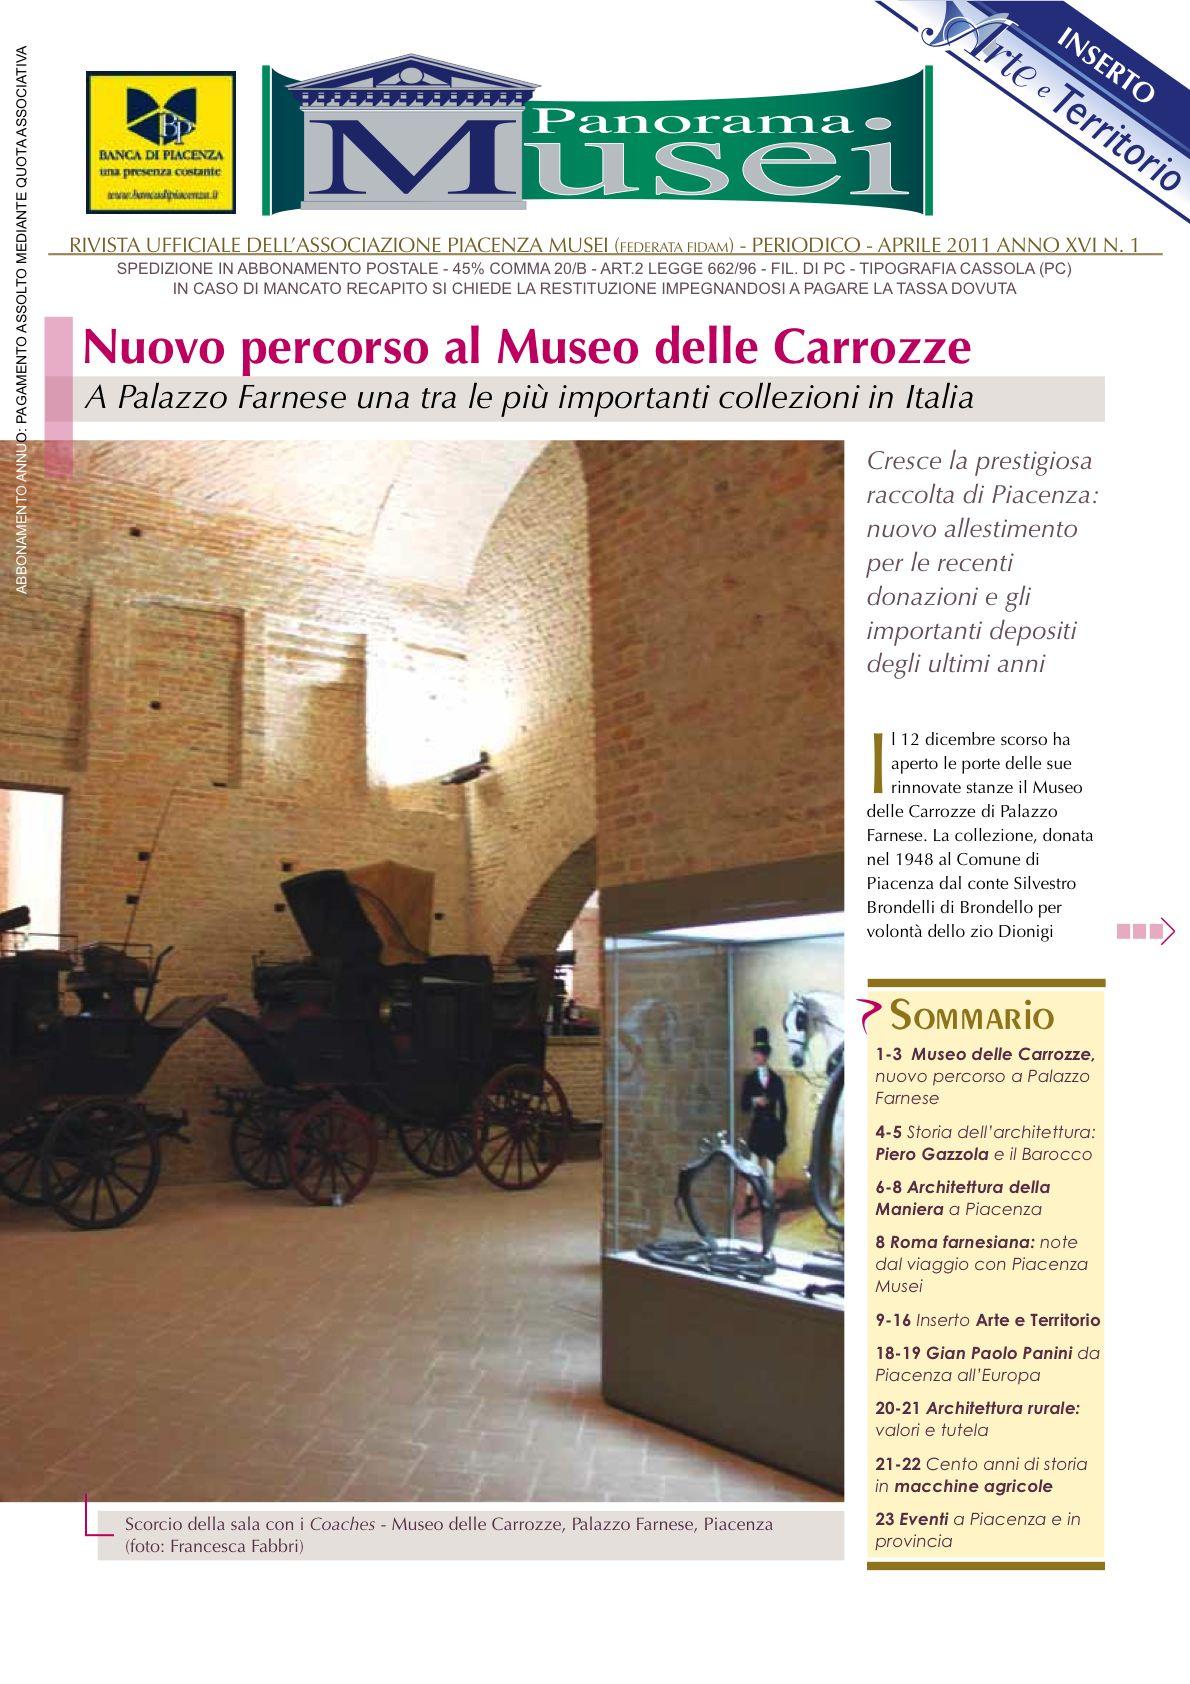 Panorama-Musei-aprile-2011